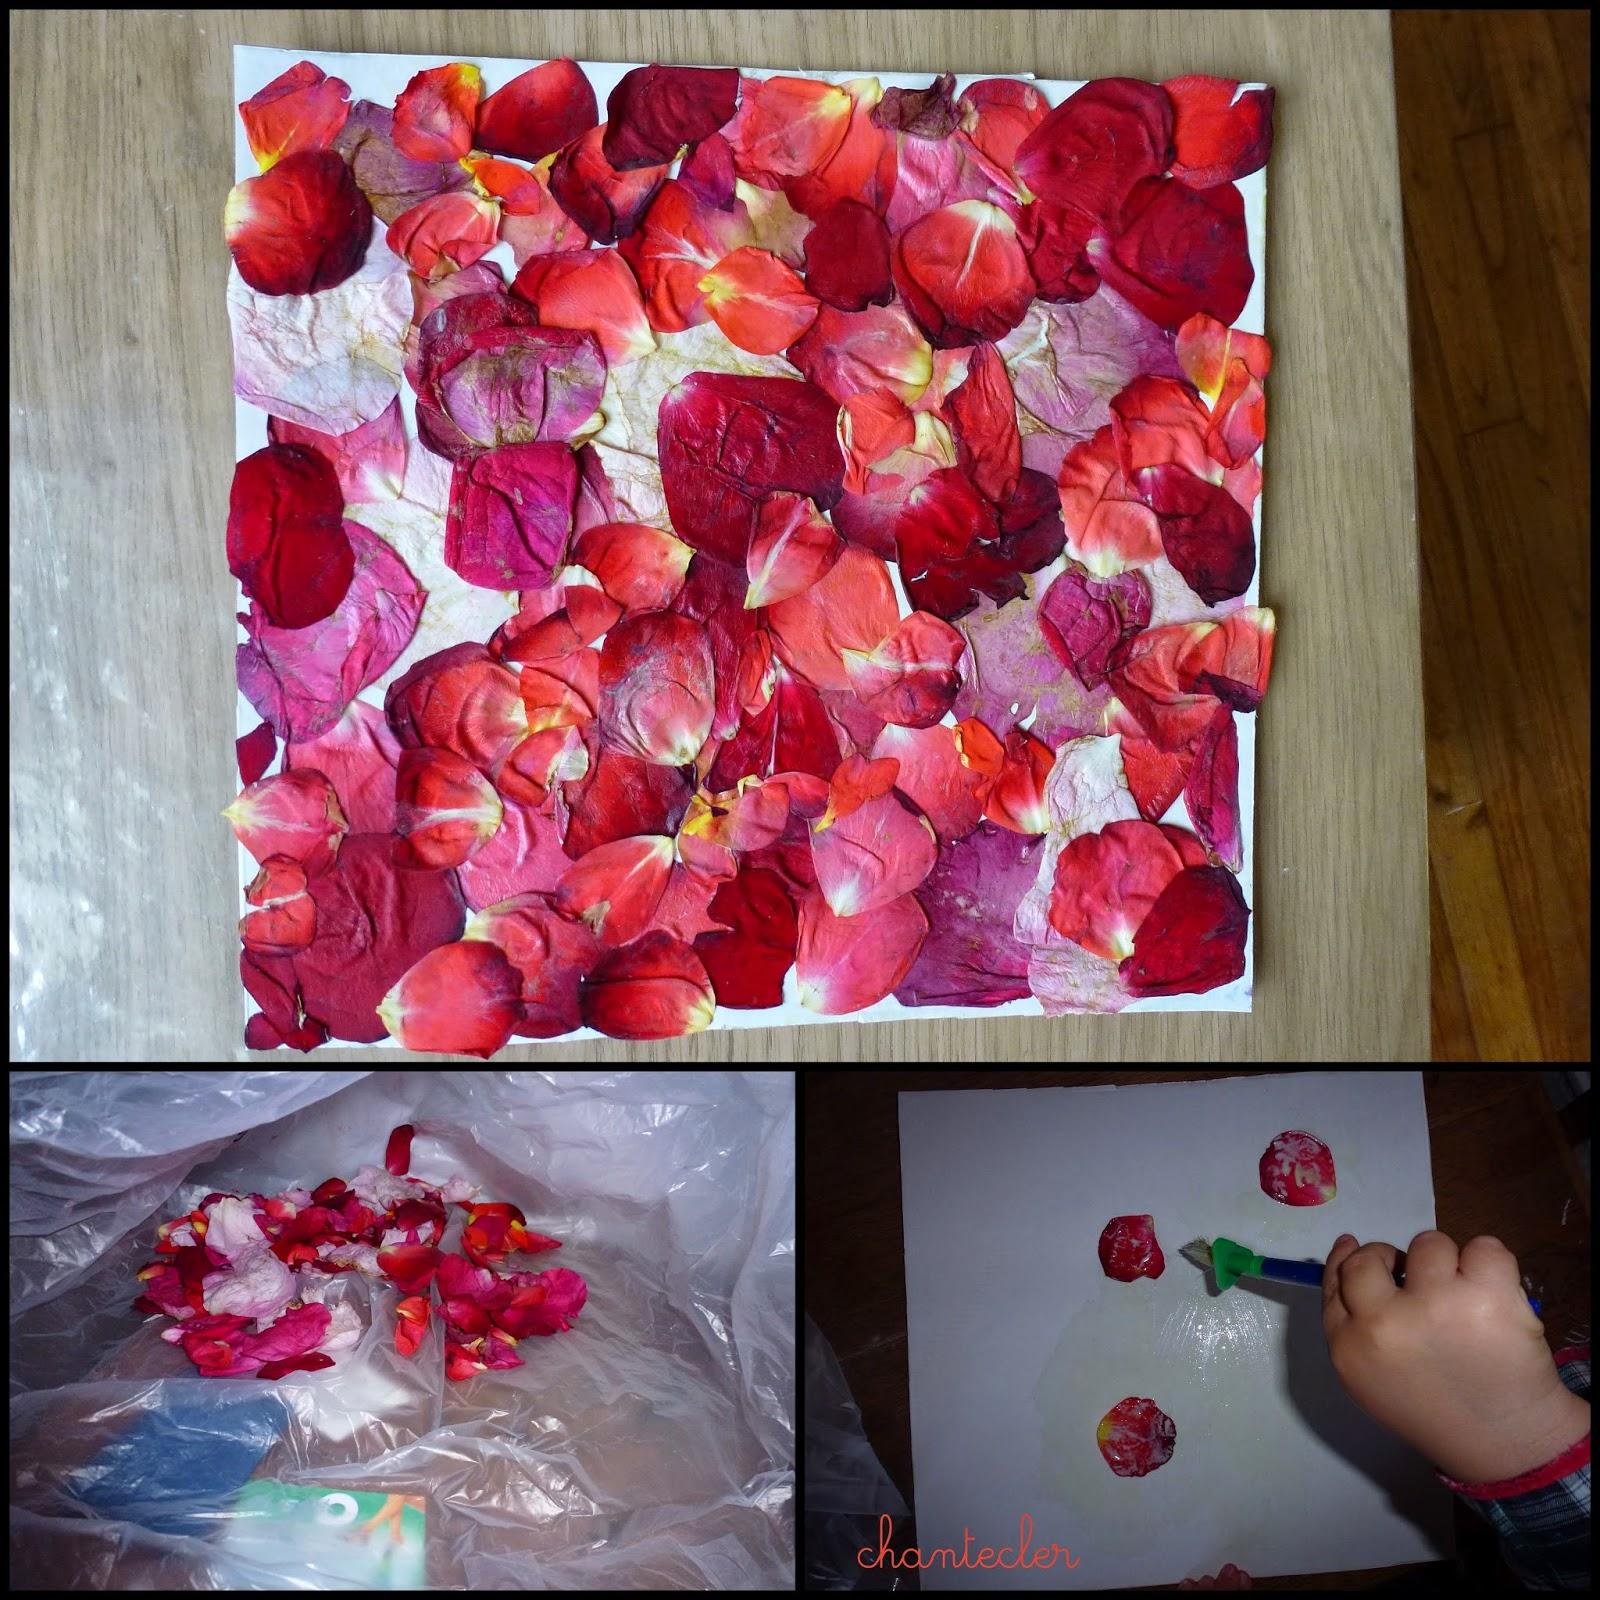 chantecler    apprendre dans la joie  collage de fleurs